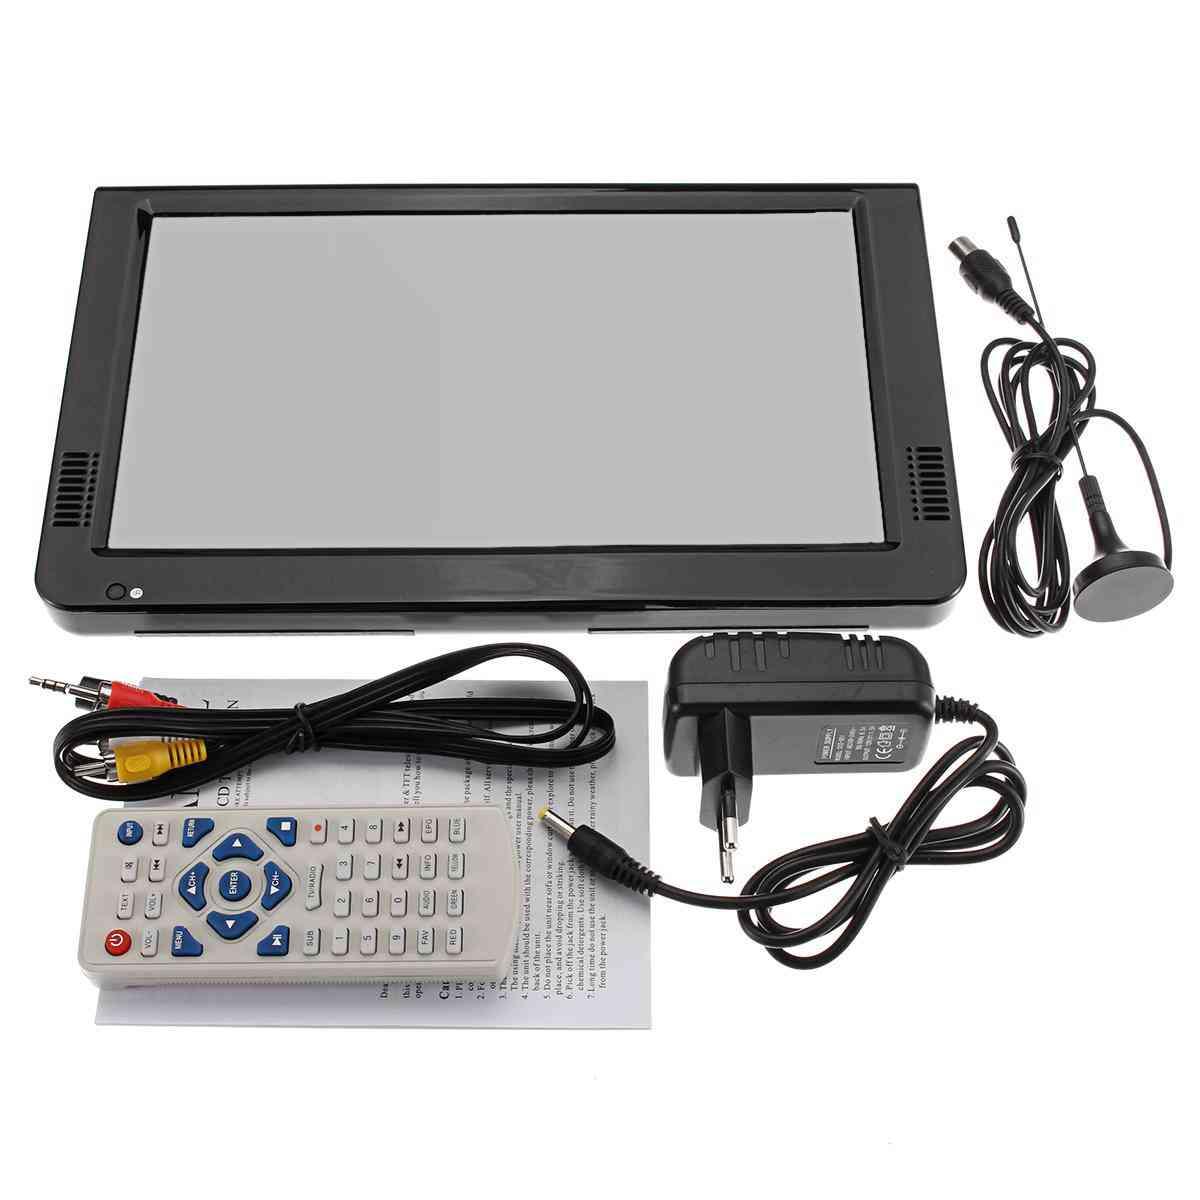 Portable Dvb Tft Led, Hd Tv Television